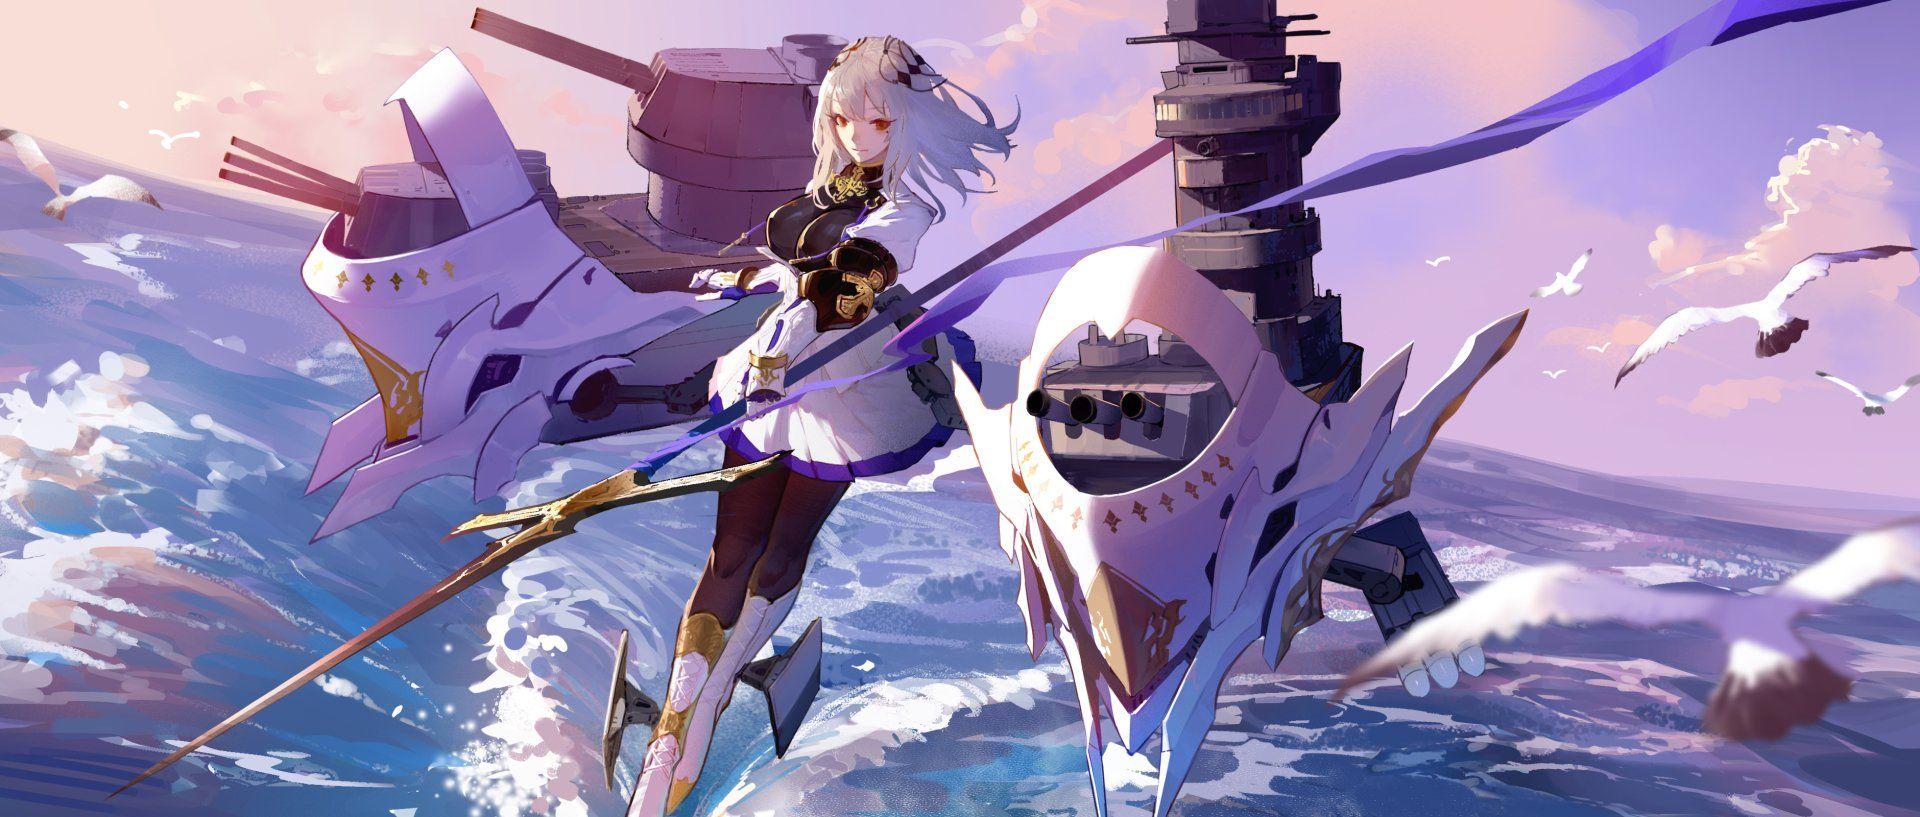 Anime Azur Lane SaintLouis (Azur Lane) Wallpaper